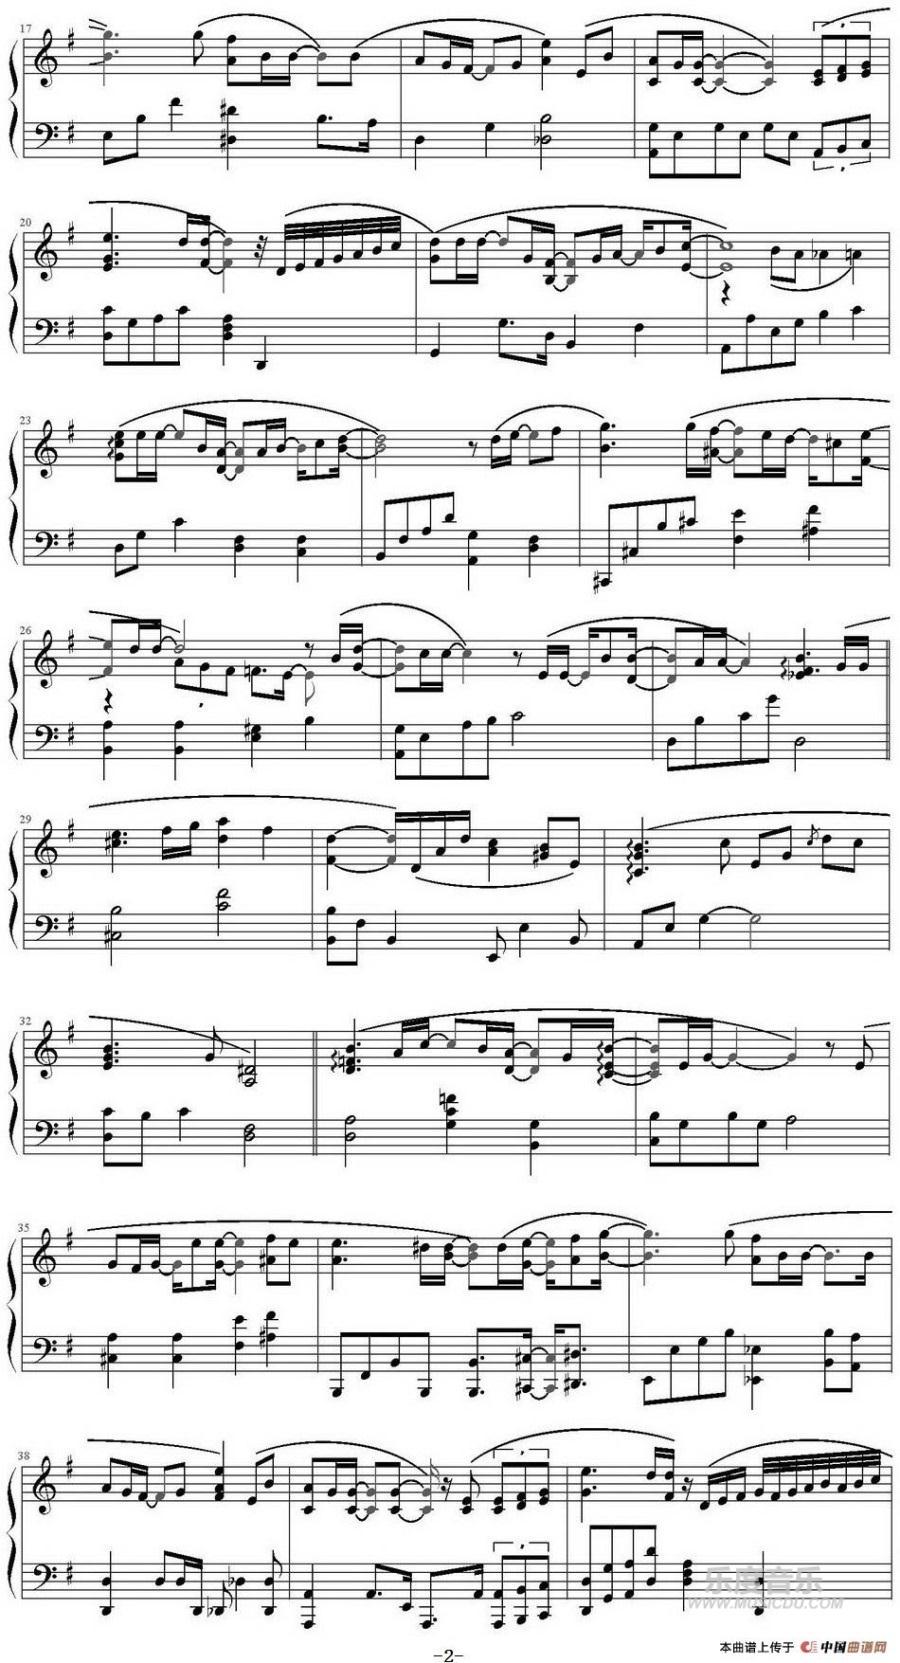 曲谱网 钢琴谱 来自星星的你 插曲《你家门前》